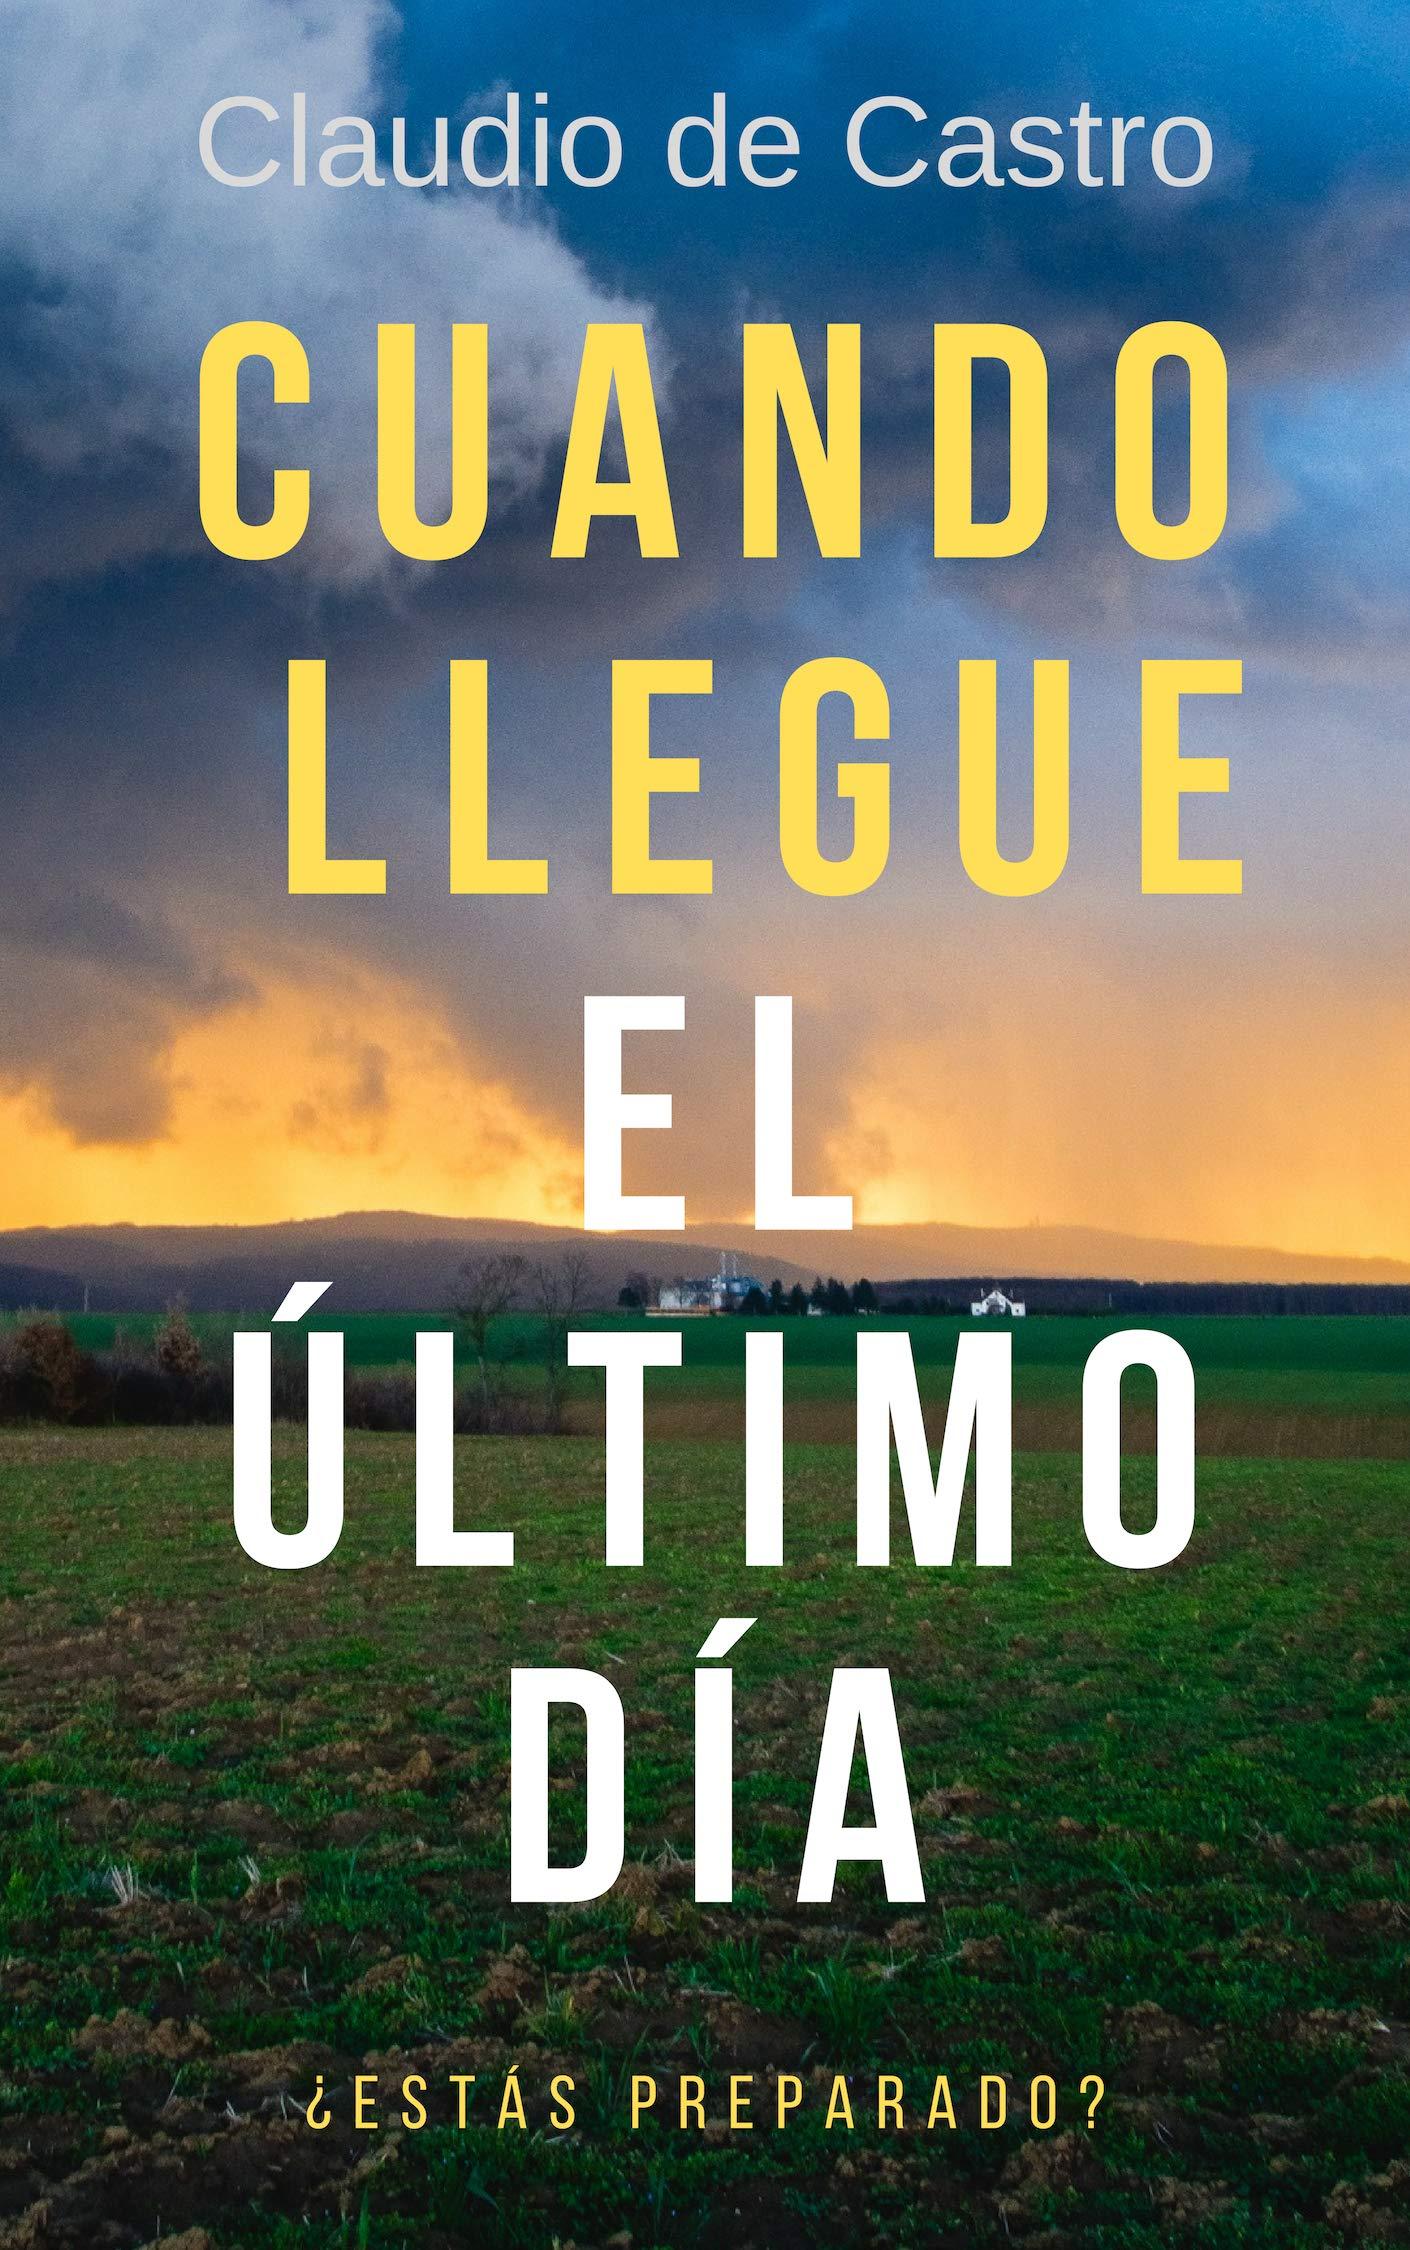 Cuando Llegue el Último Día: ¿Estás preparado? (Libros de Crecimiento Espiritual nº 5) por Claudio de Castro